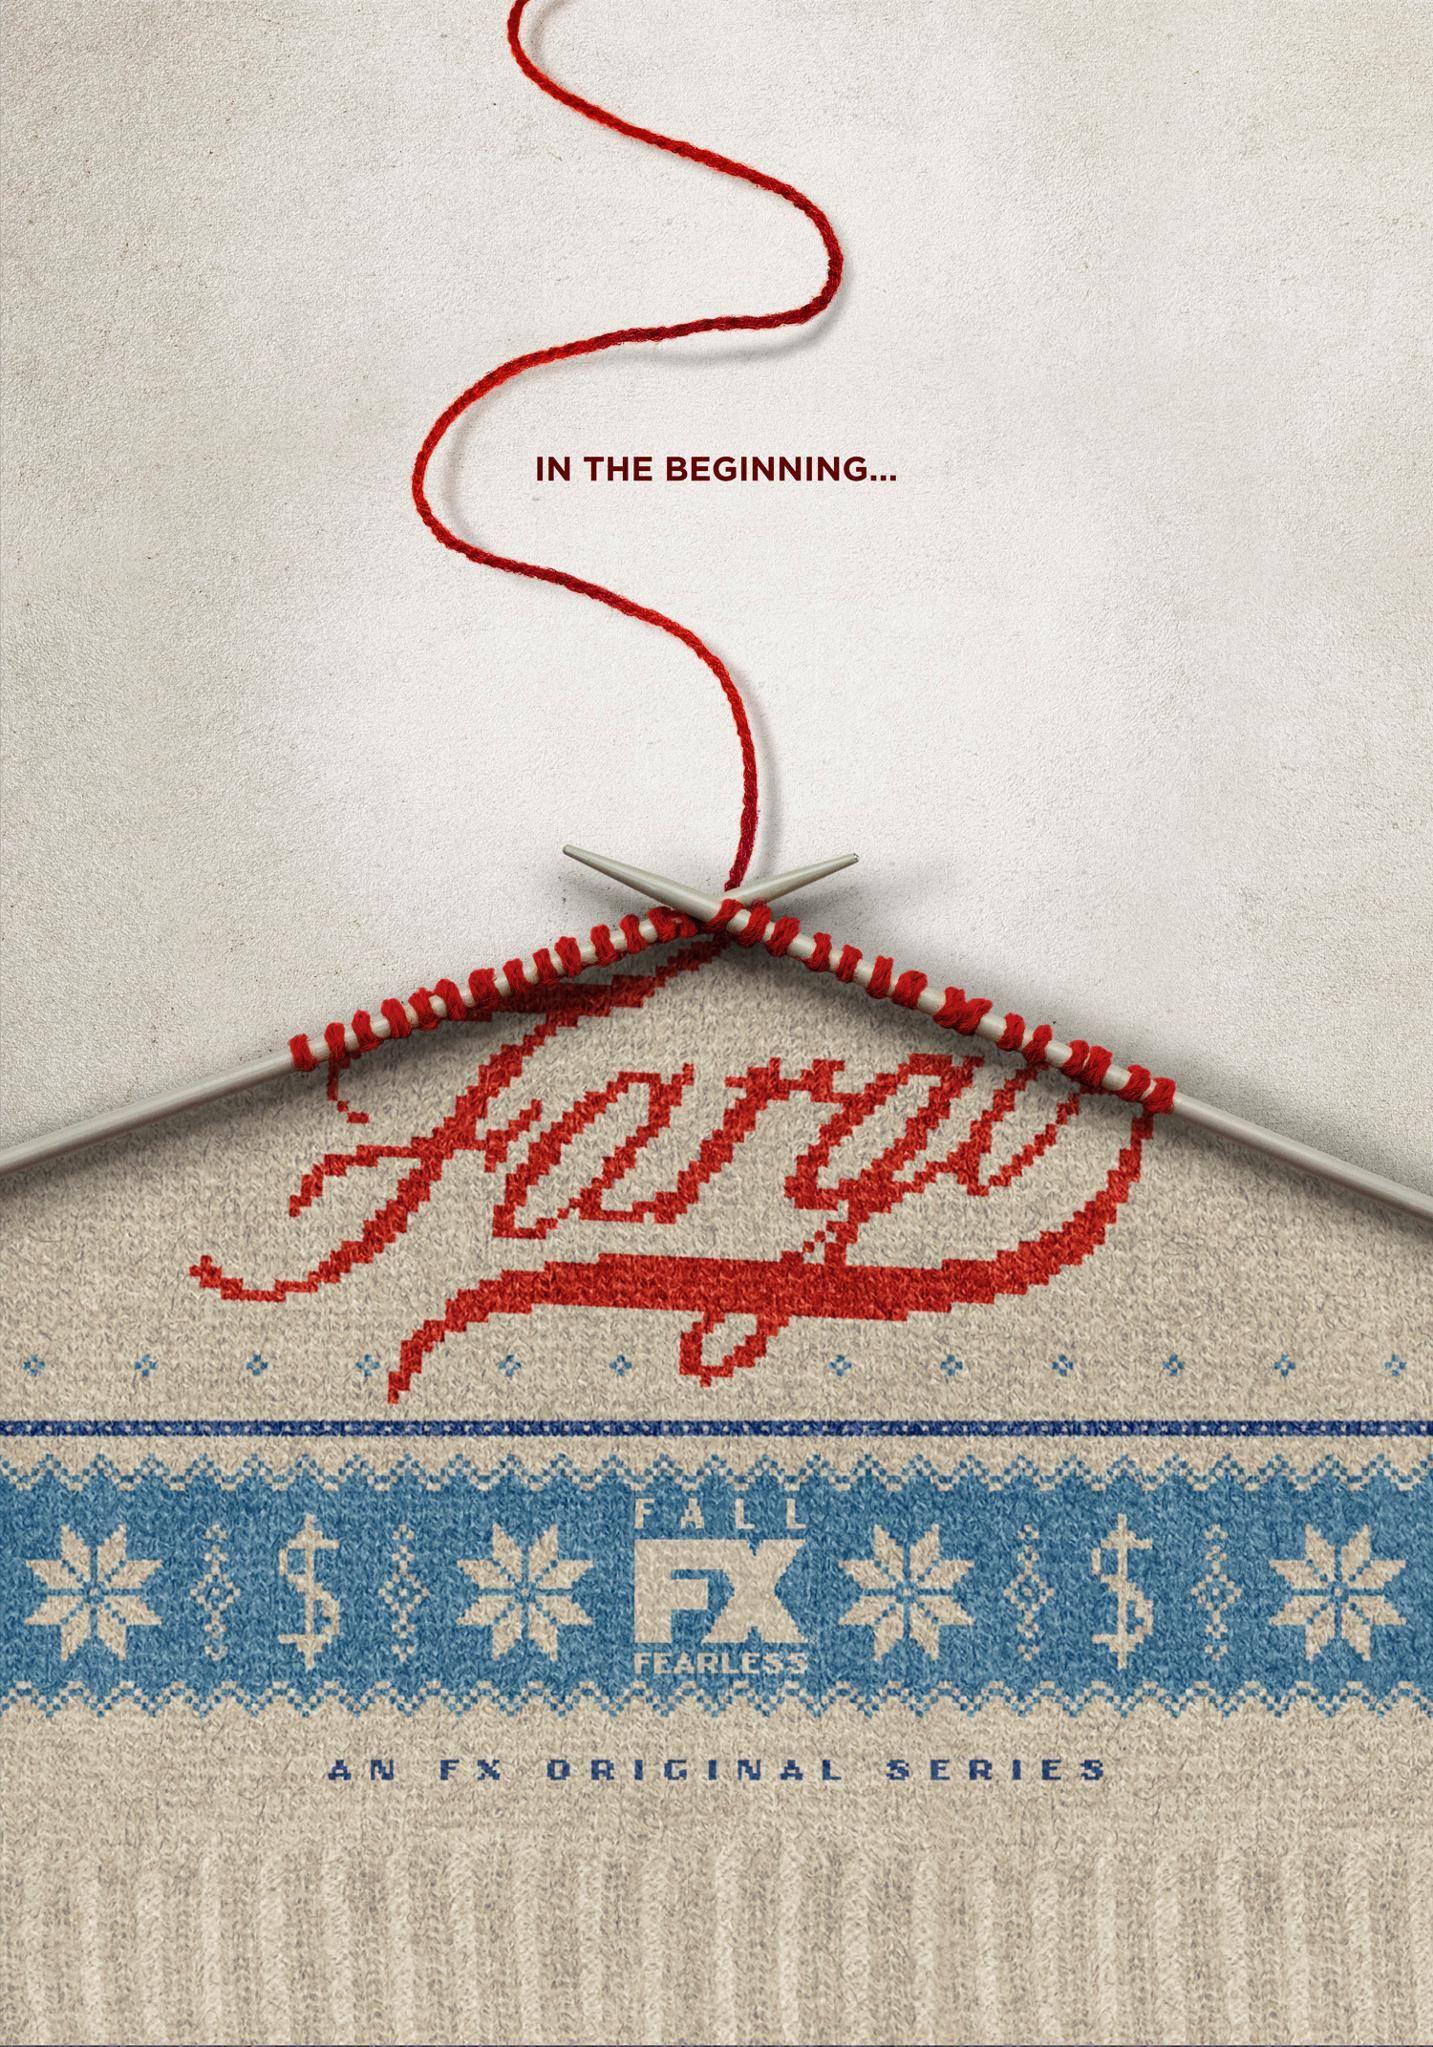 Que serie jamás verás por culpa del coñazo que dieron los lovers con ella - Página 2 Fargo_Season_2_poster